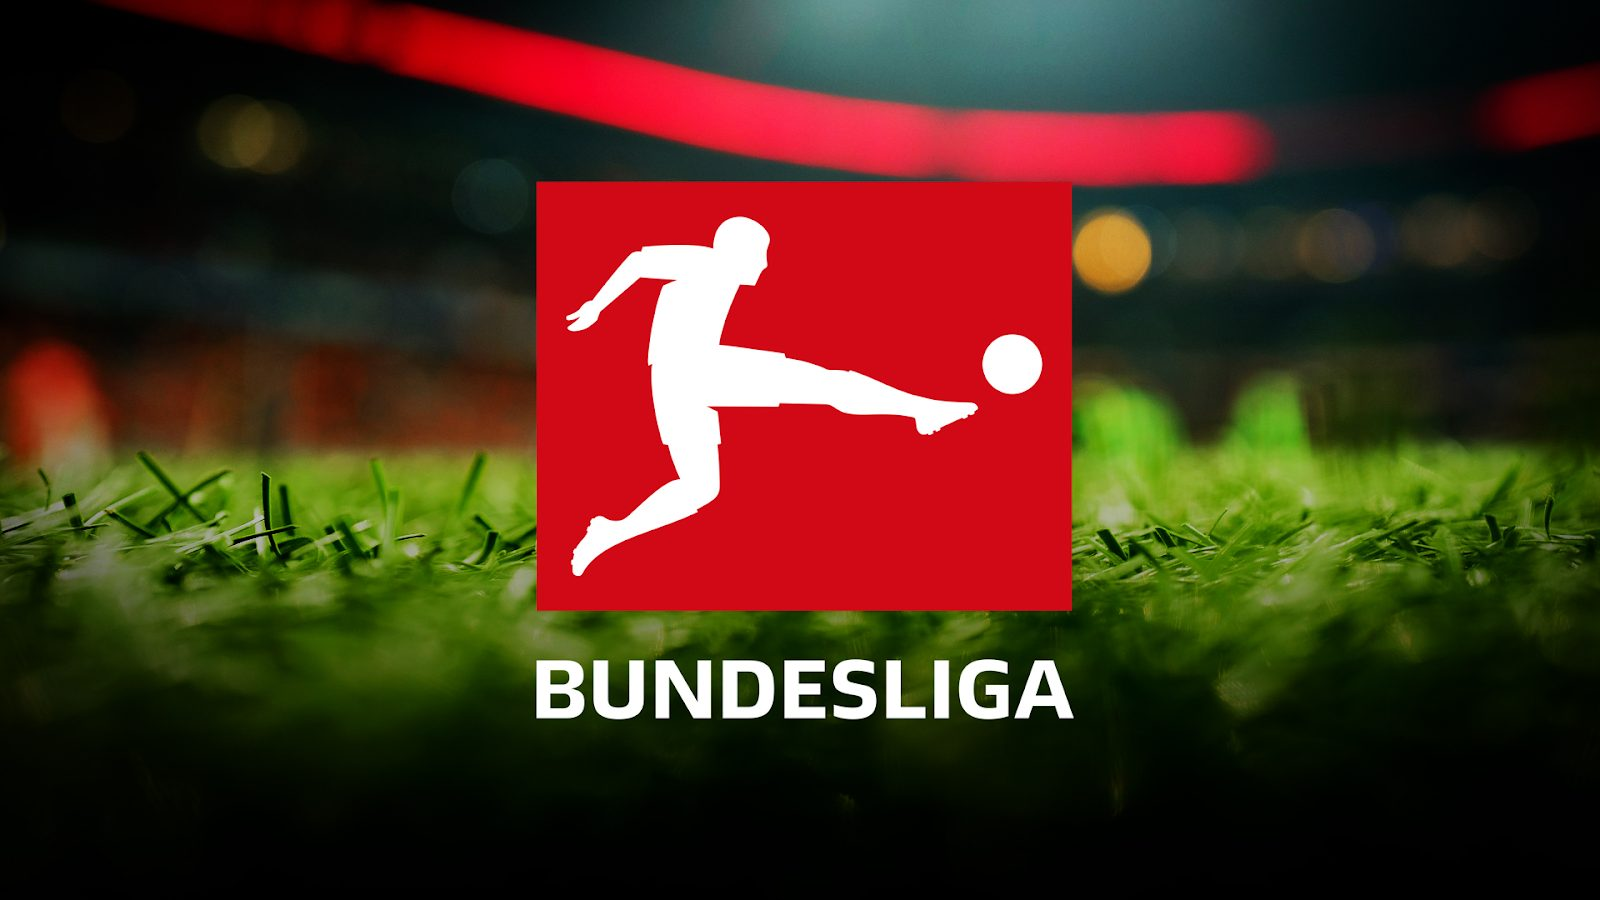 Mùa giải bóng đá Đức 2019/2020 đã khép lại với nhiều kết quả tương đối giật mình đột ngột. Trong mùa giải này, có quá nhiều đội bóng vui mừng vì được thăng hạng nhưng cũng luôn có thể có quá nhiều đội đã cho toàn bộ chúng ta biết những màn trình diễn đáng vô vọng. Cụ thể, bảng xếp hạng bóng đá Đức mùa giải 2019/2020 ra thế nào hãy theo dõi chi tiết rõ ràng ngay tại đây!  Hinh 0  Tìm hiểu BXH bóng đá Đức 2019/2020  1. Chi tiết bảng xếp hạng bóng đá Đức TT  Đội  Số trận  Thắng   Hòa   Bại  Hiệu số  Điểm  1  FC Bayern Munich  34  26  4  4  68  82  2  Dortmund  34  21  6  7  43  69  3  Leipzig  34  18  12  4  44  66  4  Borussia Mönchengladbach  34  20  5  9  26  65  5  Leverkusen  34  19  6  9  17  63  6  Hoffenheim  34  15  7  12  0  52  7  Wolfsburg  34  13  10  11  2  49  8  Freiburg  34  13  9  12  1  48  9  E.Frankfurt  34  13  6  15  -1  45  10  Hertha BSC  34  11  8  15  -11  41  11  1.FC union Berlin   34  12  5  17  -17  41  12  Schalke 04  34  9  12  13  -20  39  13  Mainz 05  34  11  4  19  -21  37  14  Augsburg  34  9  9  16  -18  36  15  1.FC Köln  34  10  6  18  -18  36  16  Bremen  34  8  7  19  -27  31  17  Fortuna Düsseldorf  34  6  12  16  -31  30  18  SC P.aderborn 07  34  4  8  22  -37  20  Q.ua BXH Đức trên hoàn toàn có thể thấy, FC Bayern München đó là đội bóng vô địch giải đấu với số điểm những cách biệt so với đội đứng thứ hai. Đây là kết quả hoàn toàn xứng danh bởi đội bóng này đã có những màn thể hiện vô cùng ấn tượng.  2. Đôi nét về giải đấu bóng đá VĐQ.G Đức Giải VĐQ.G Đức là giải tranh tài bóng đá Gianh Giá của Đức khởi đầu được tổ chức triển khai từ thời gian năm 1963 tới này. Đơn vị đứng ra chịu trách nát nhiệm tổ chức triển khai giải đấu này là Thương Hội bóng đá Đức hay giờ đây đó là Liên đoàn bóng đá Đức. Giải đấu có sự tham gia góp mặt của một8 CLB toàn bộ và theo thống kê, từ khi giải đấu được tổ chức triển khai tới nay thì câu lạc bộ giữ nhiều thắng lợi nhất đó là bayern Munich. Với thắng lợi trong mùa giải 2019/2020, Bayern Munich 